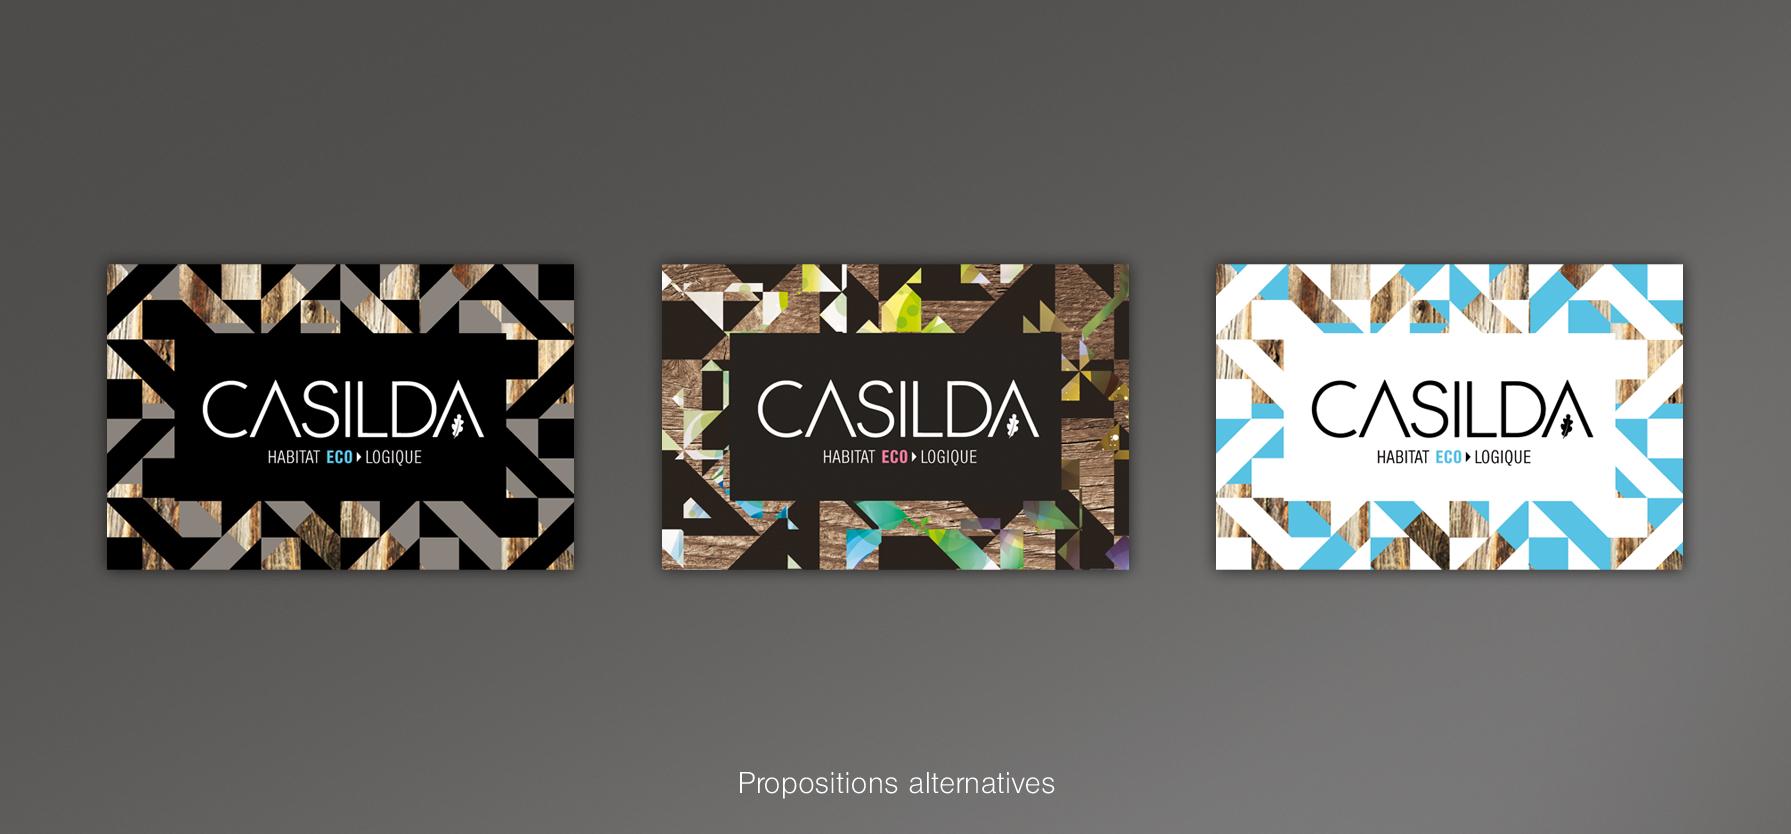 casilda_identite_graphique-09